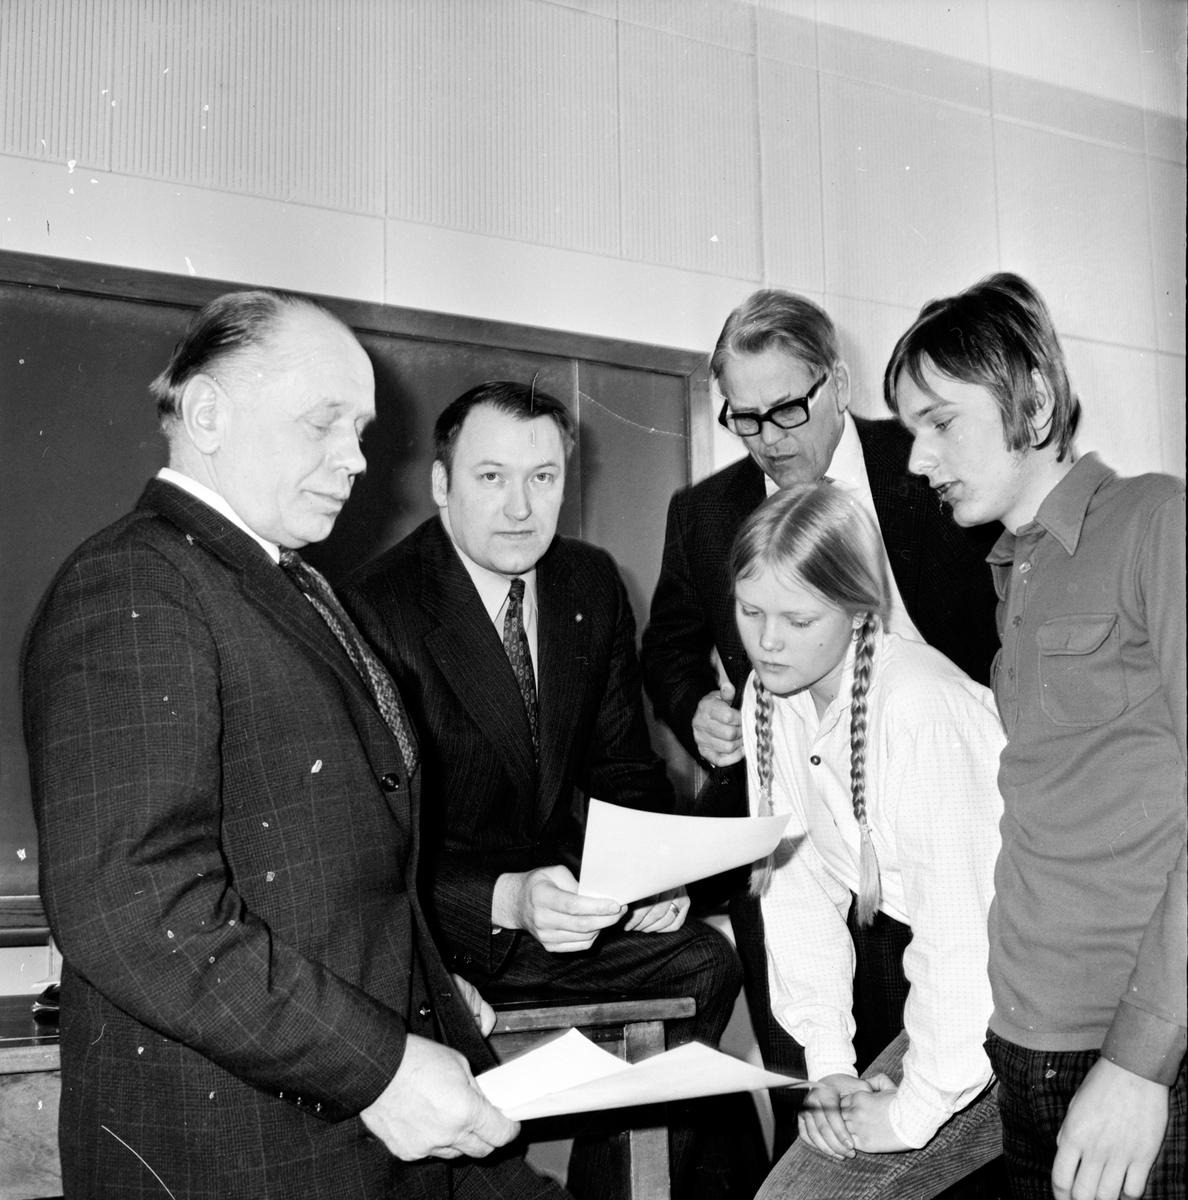 Nytorp, Ny kurs, April 1971